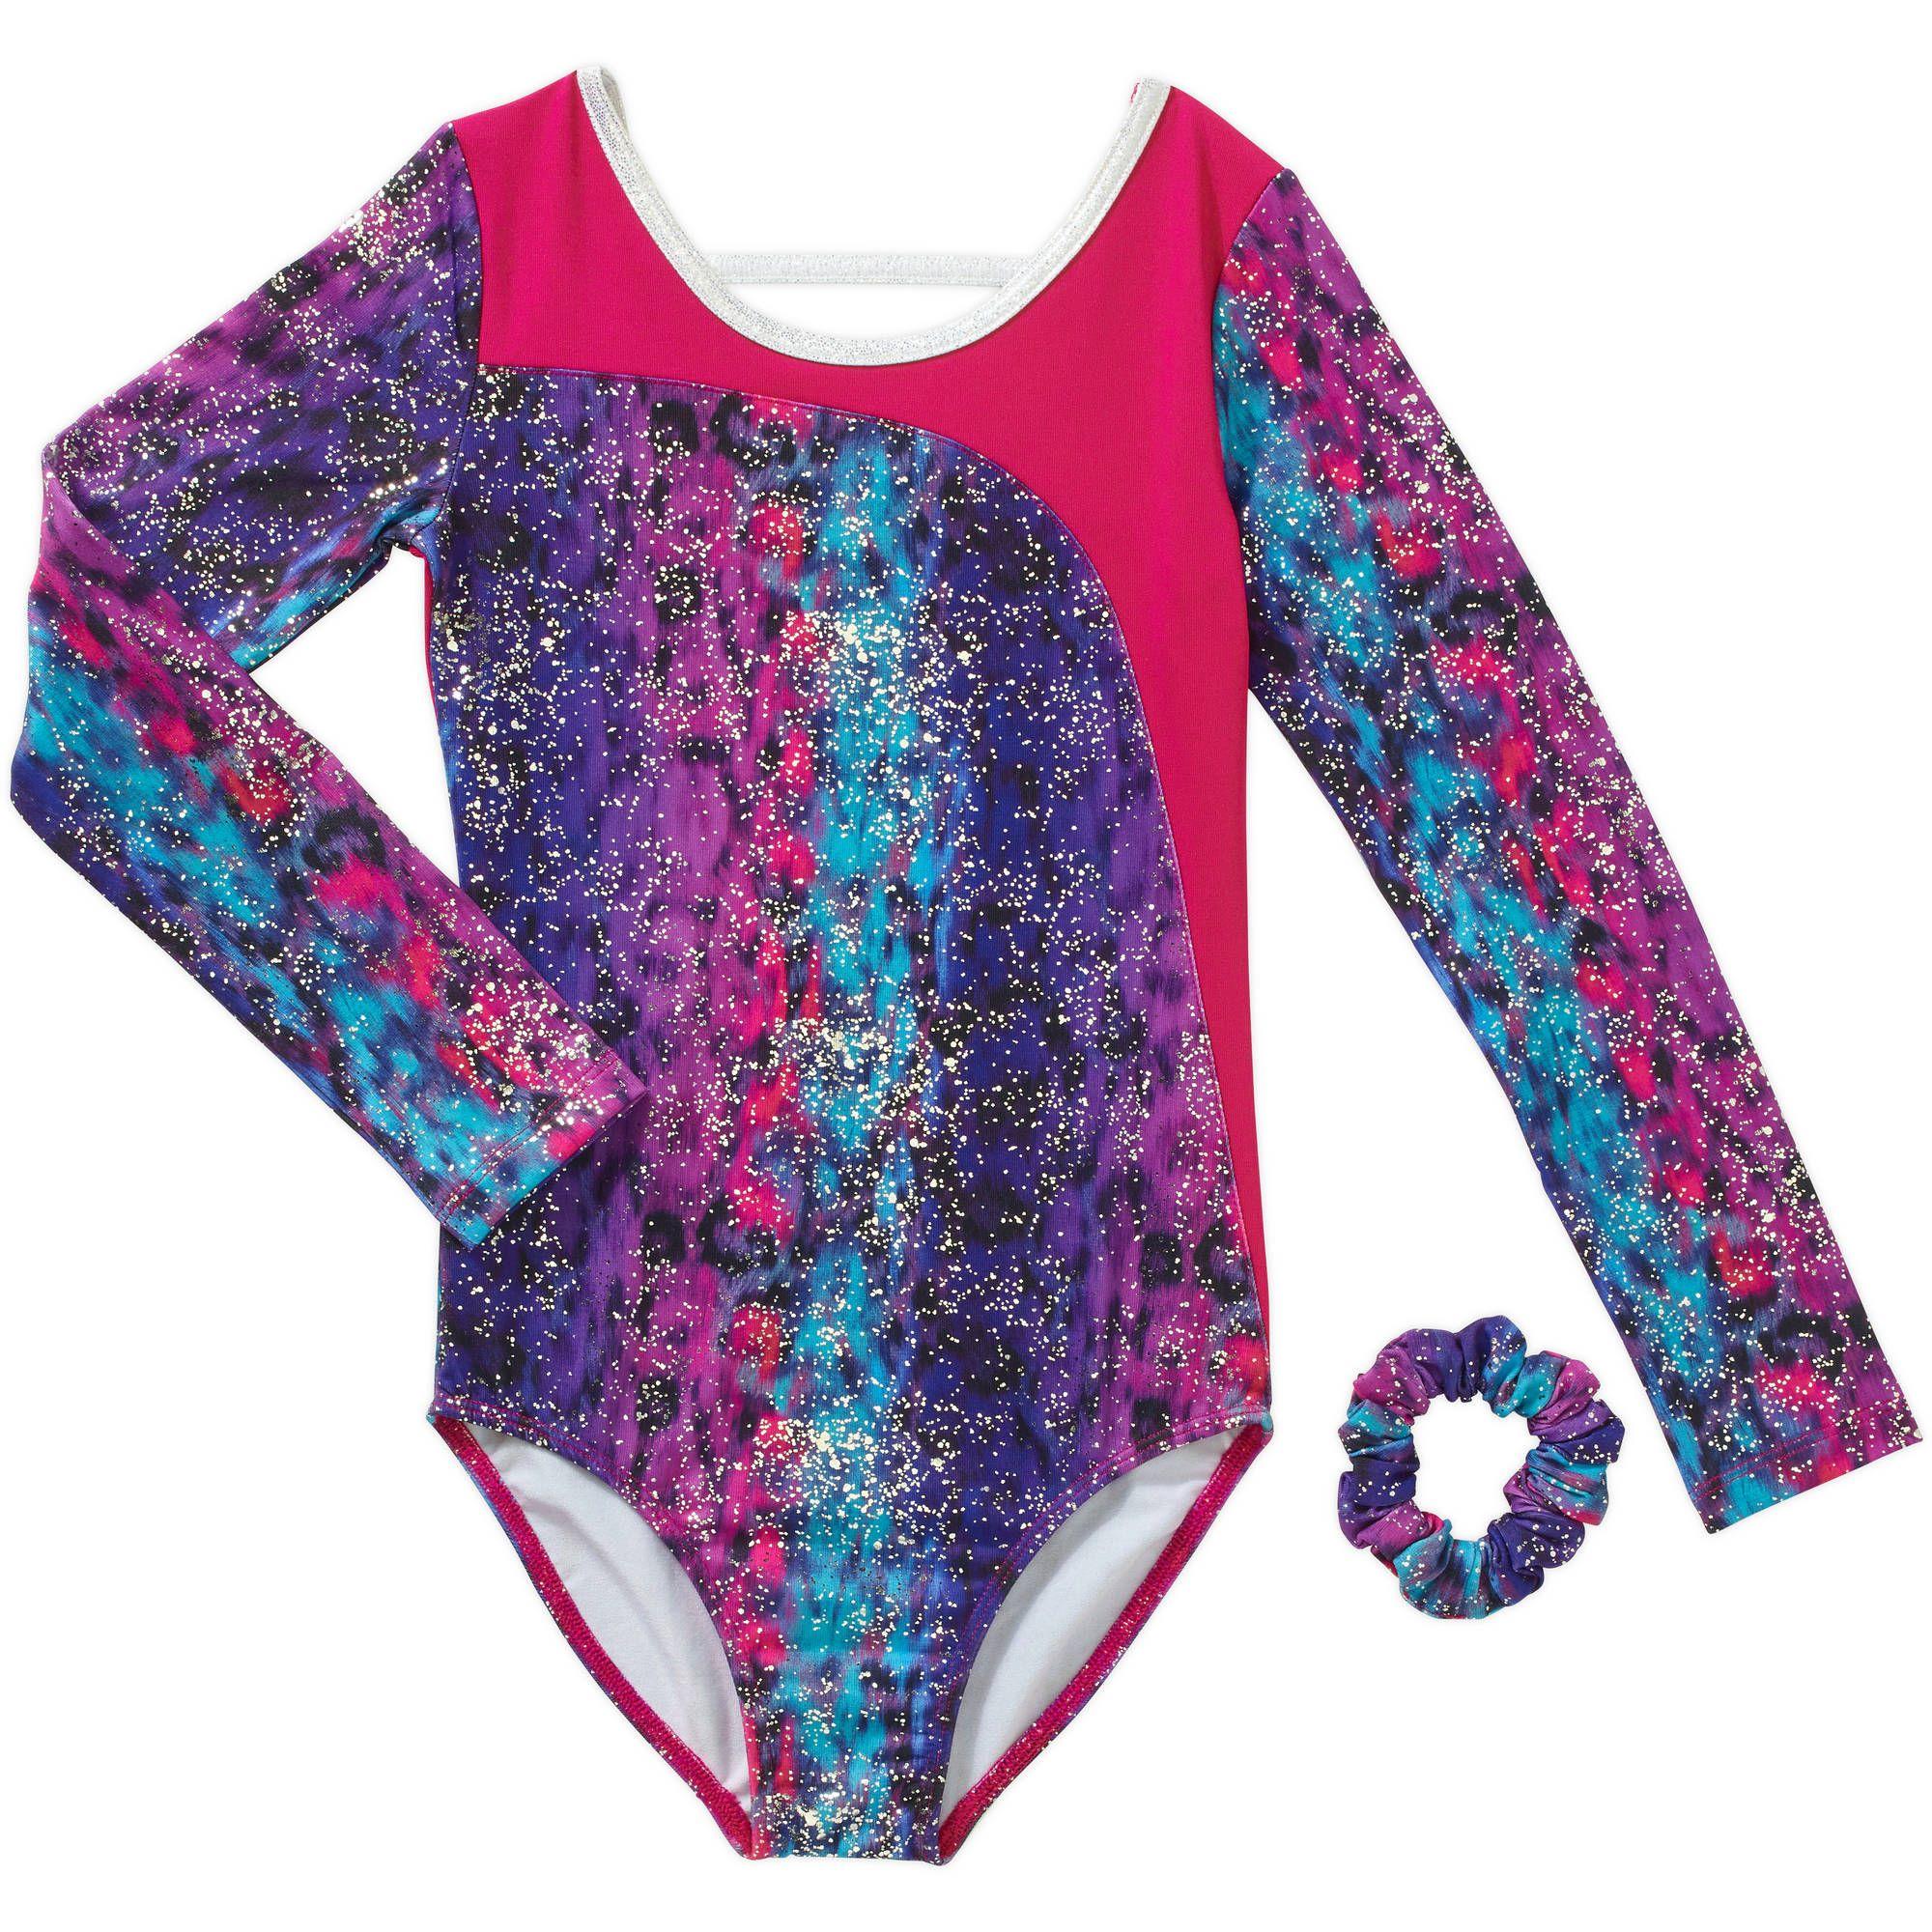 ed0fb907b Gymnastics Leotards for Girls - Walmart.com